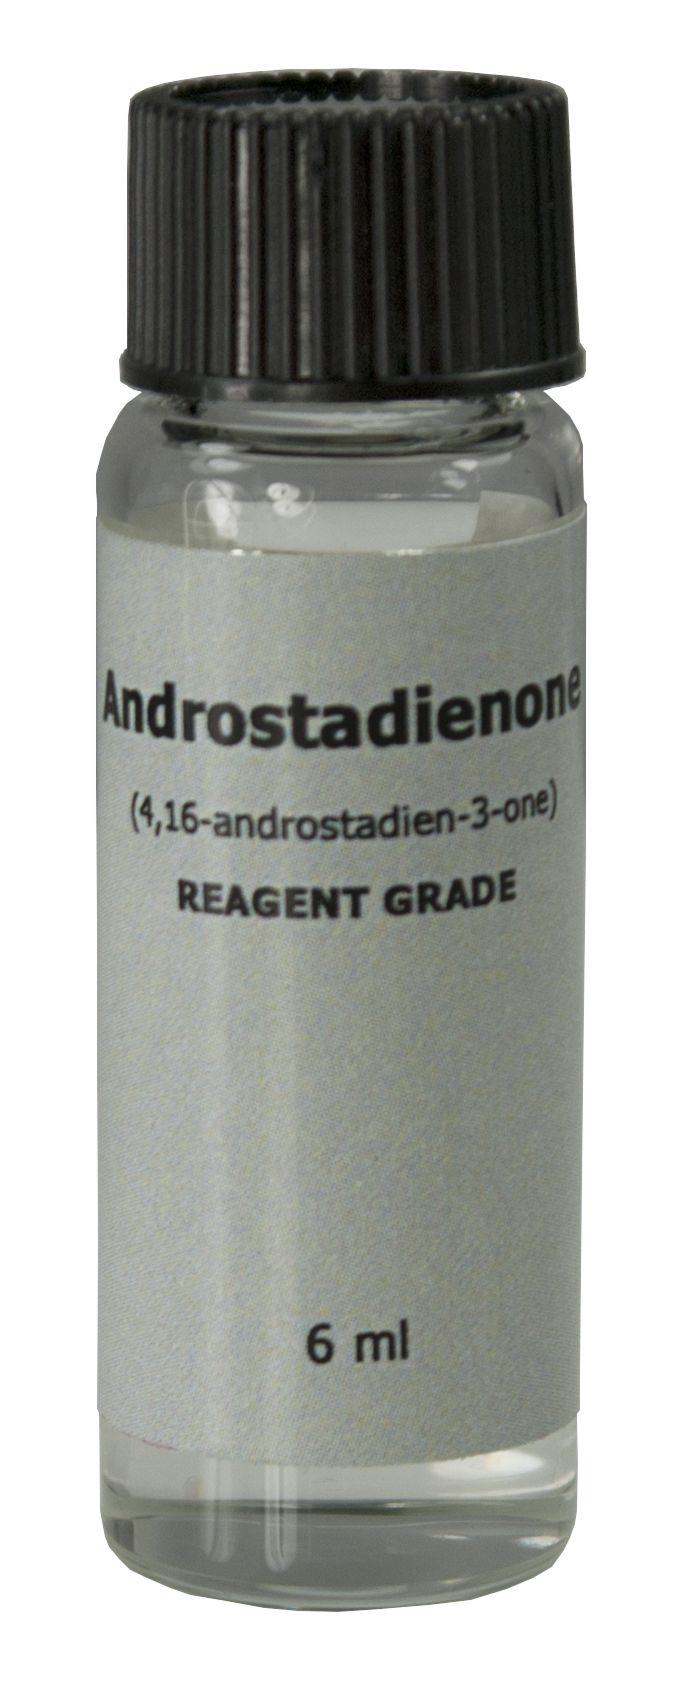 Androstadienone (6 ml)